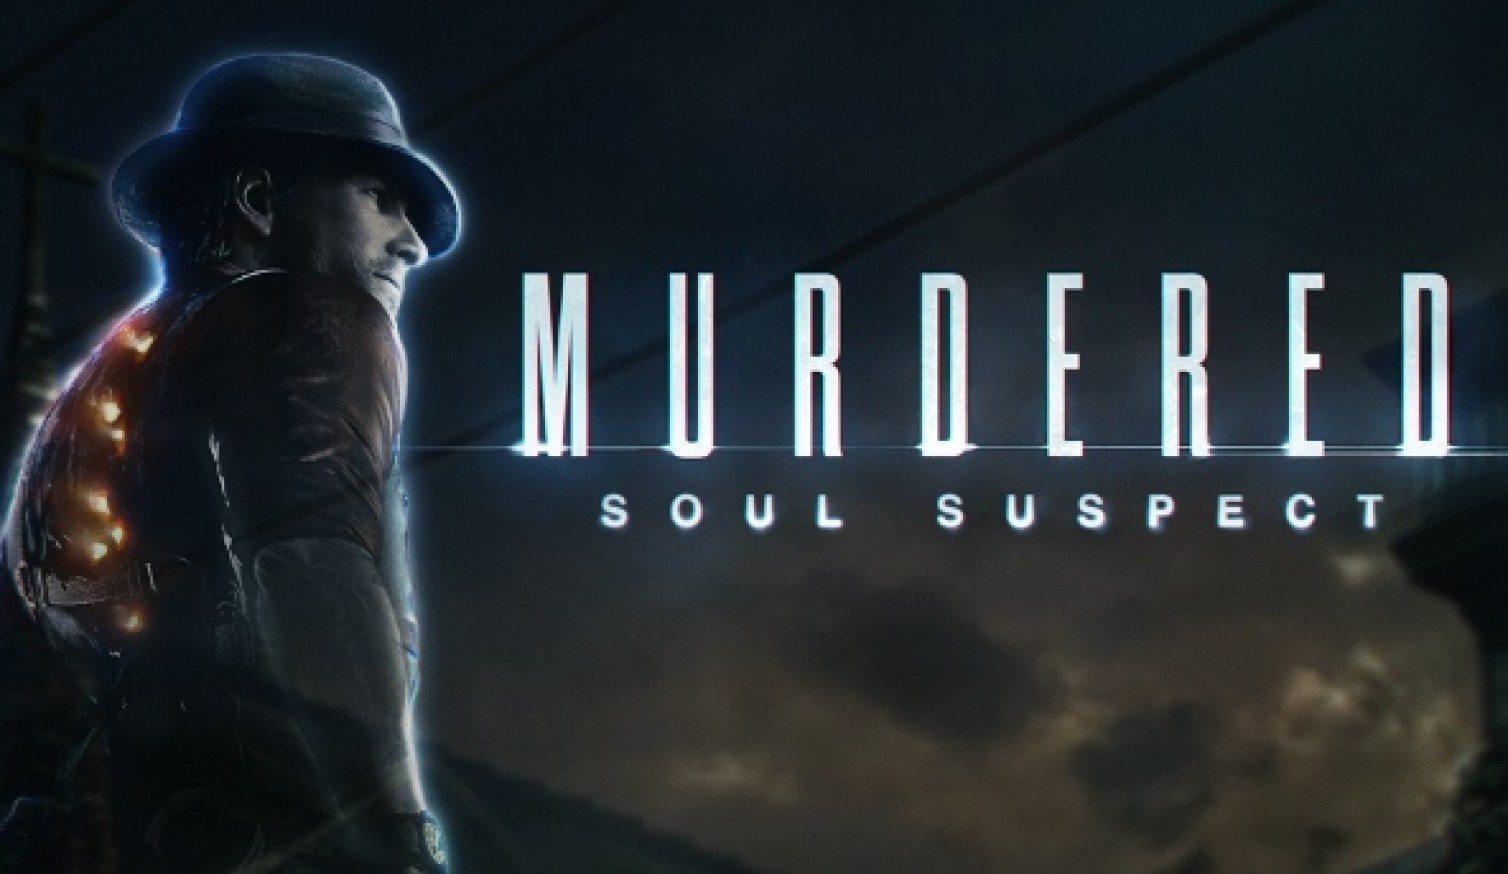 Murdered-soul-suspect-logo-bagogames